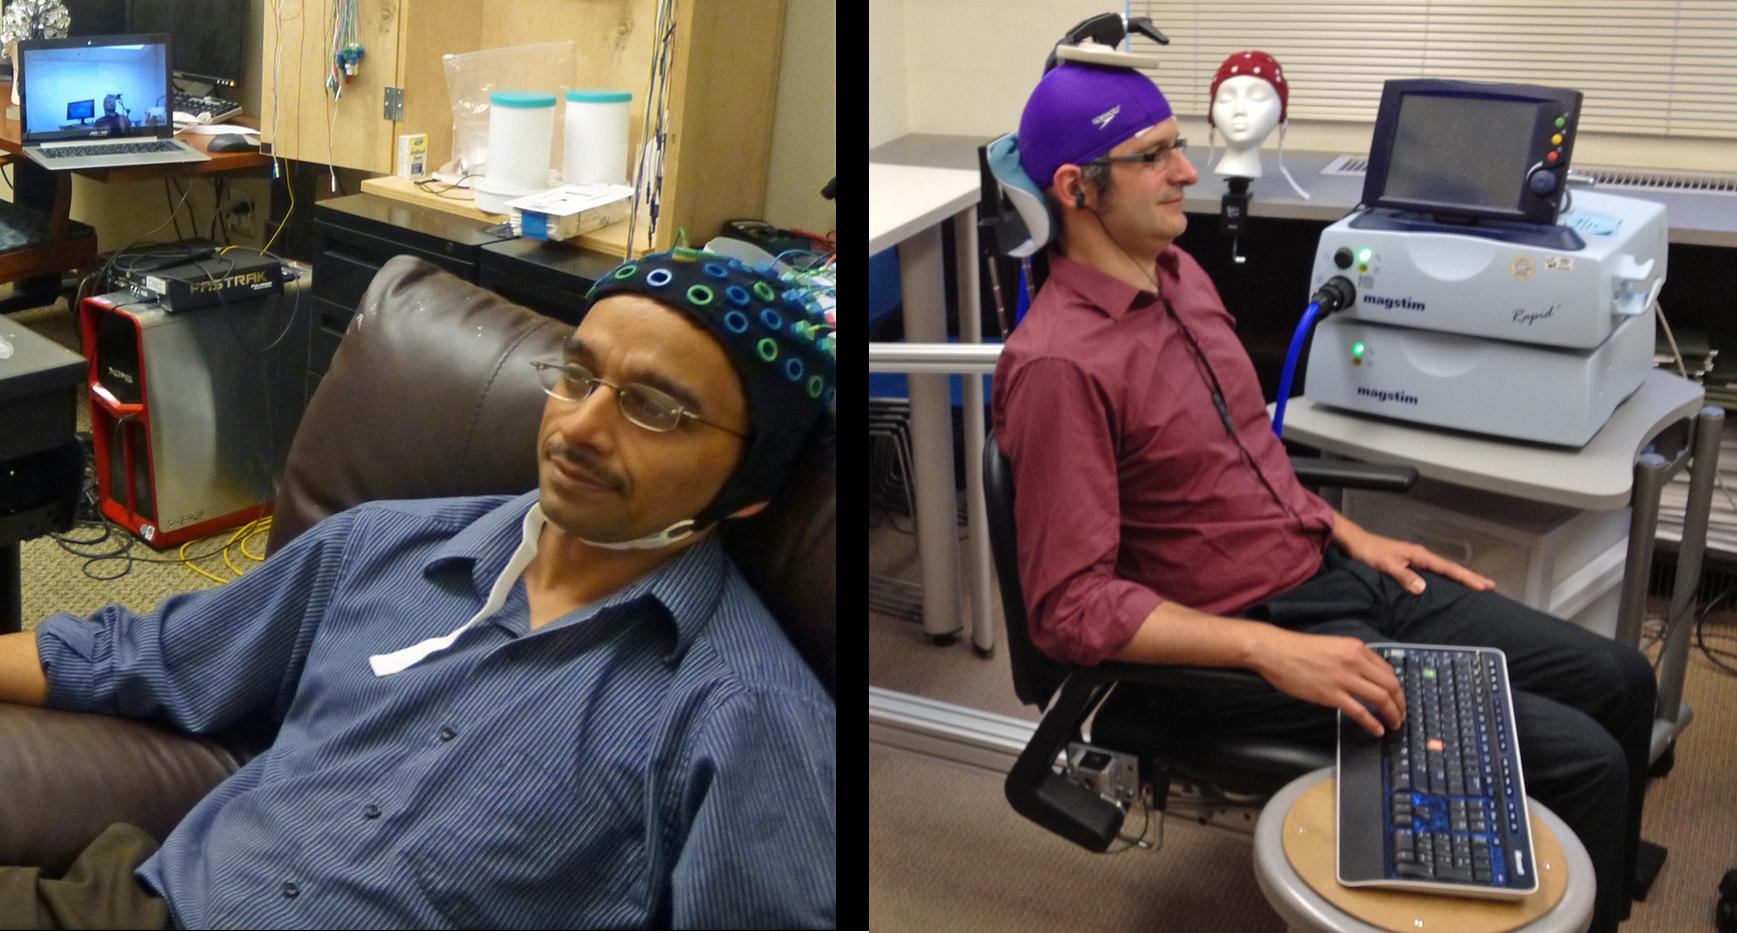 Thiết bị mới giúp kết nối bộ não con người và máy tính - Ảnh 2